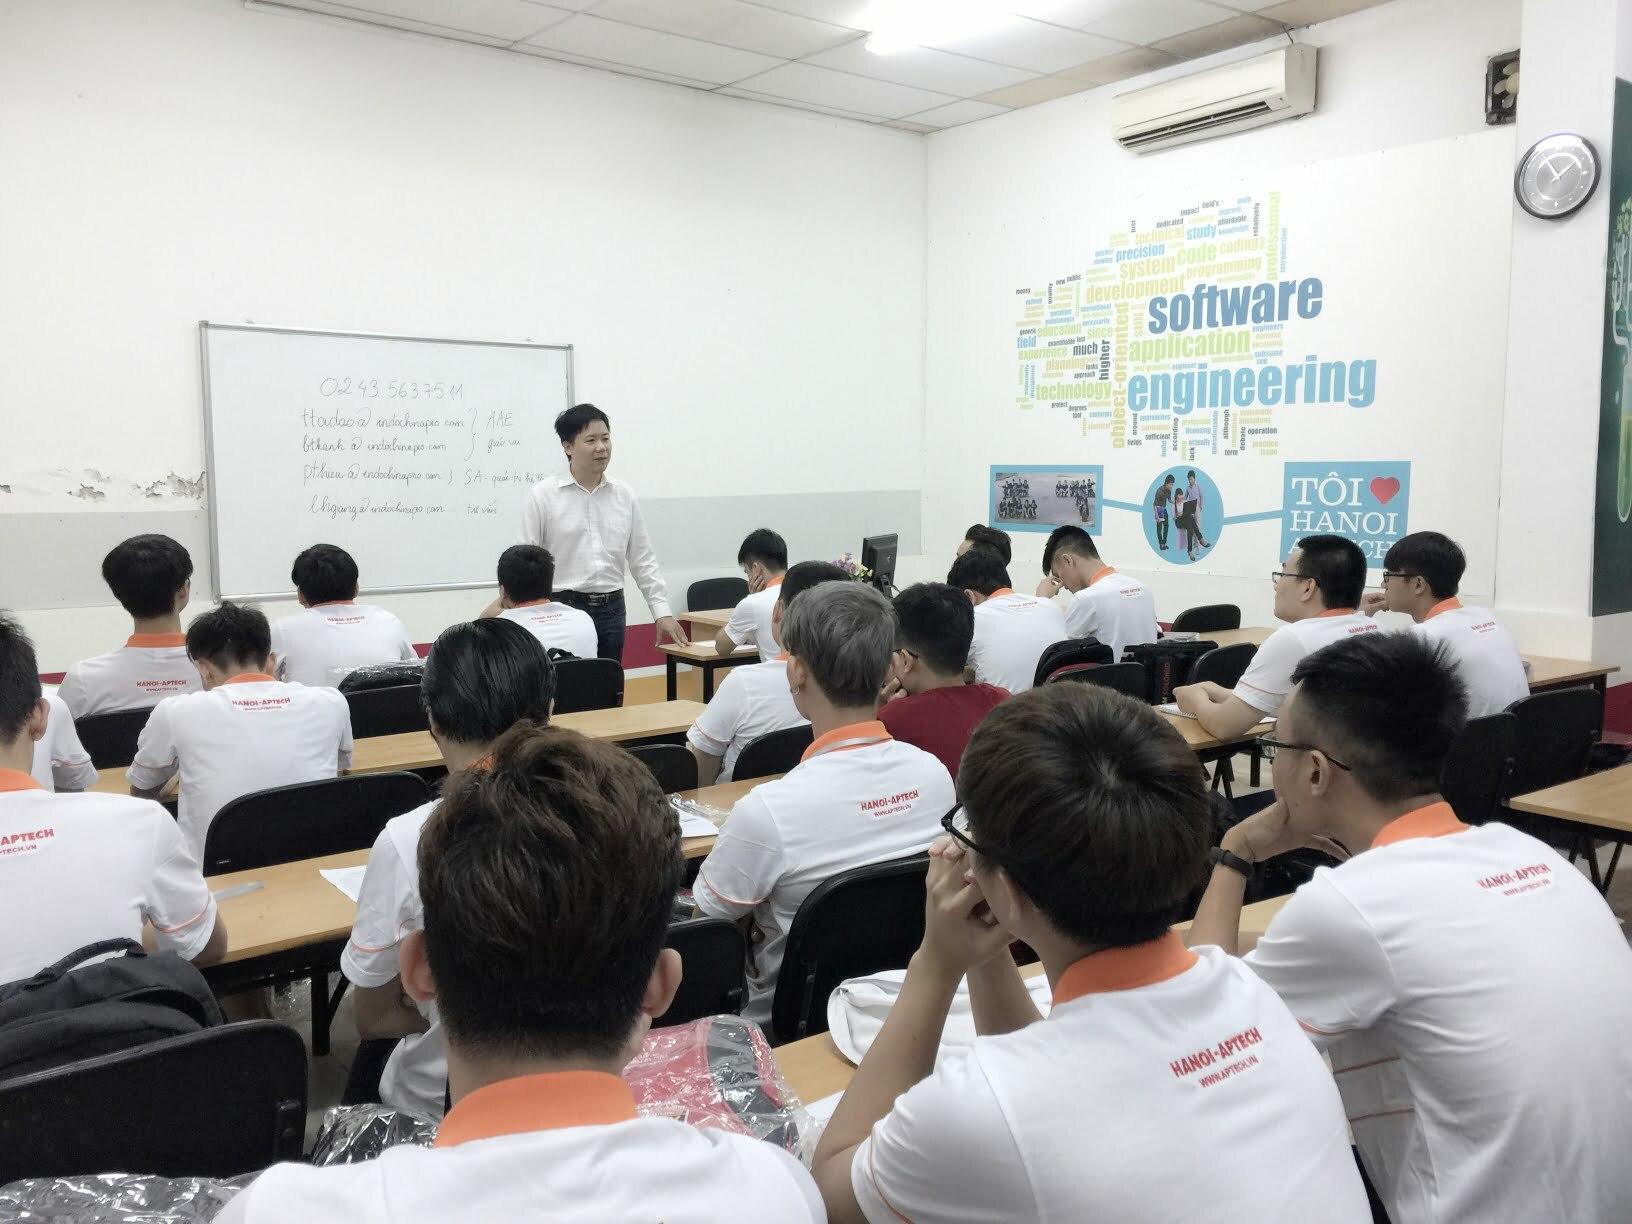 Hanoi-Aptech khai giảng khóa mới tháng 8/2017